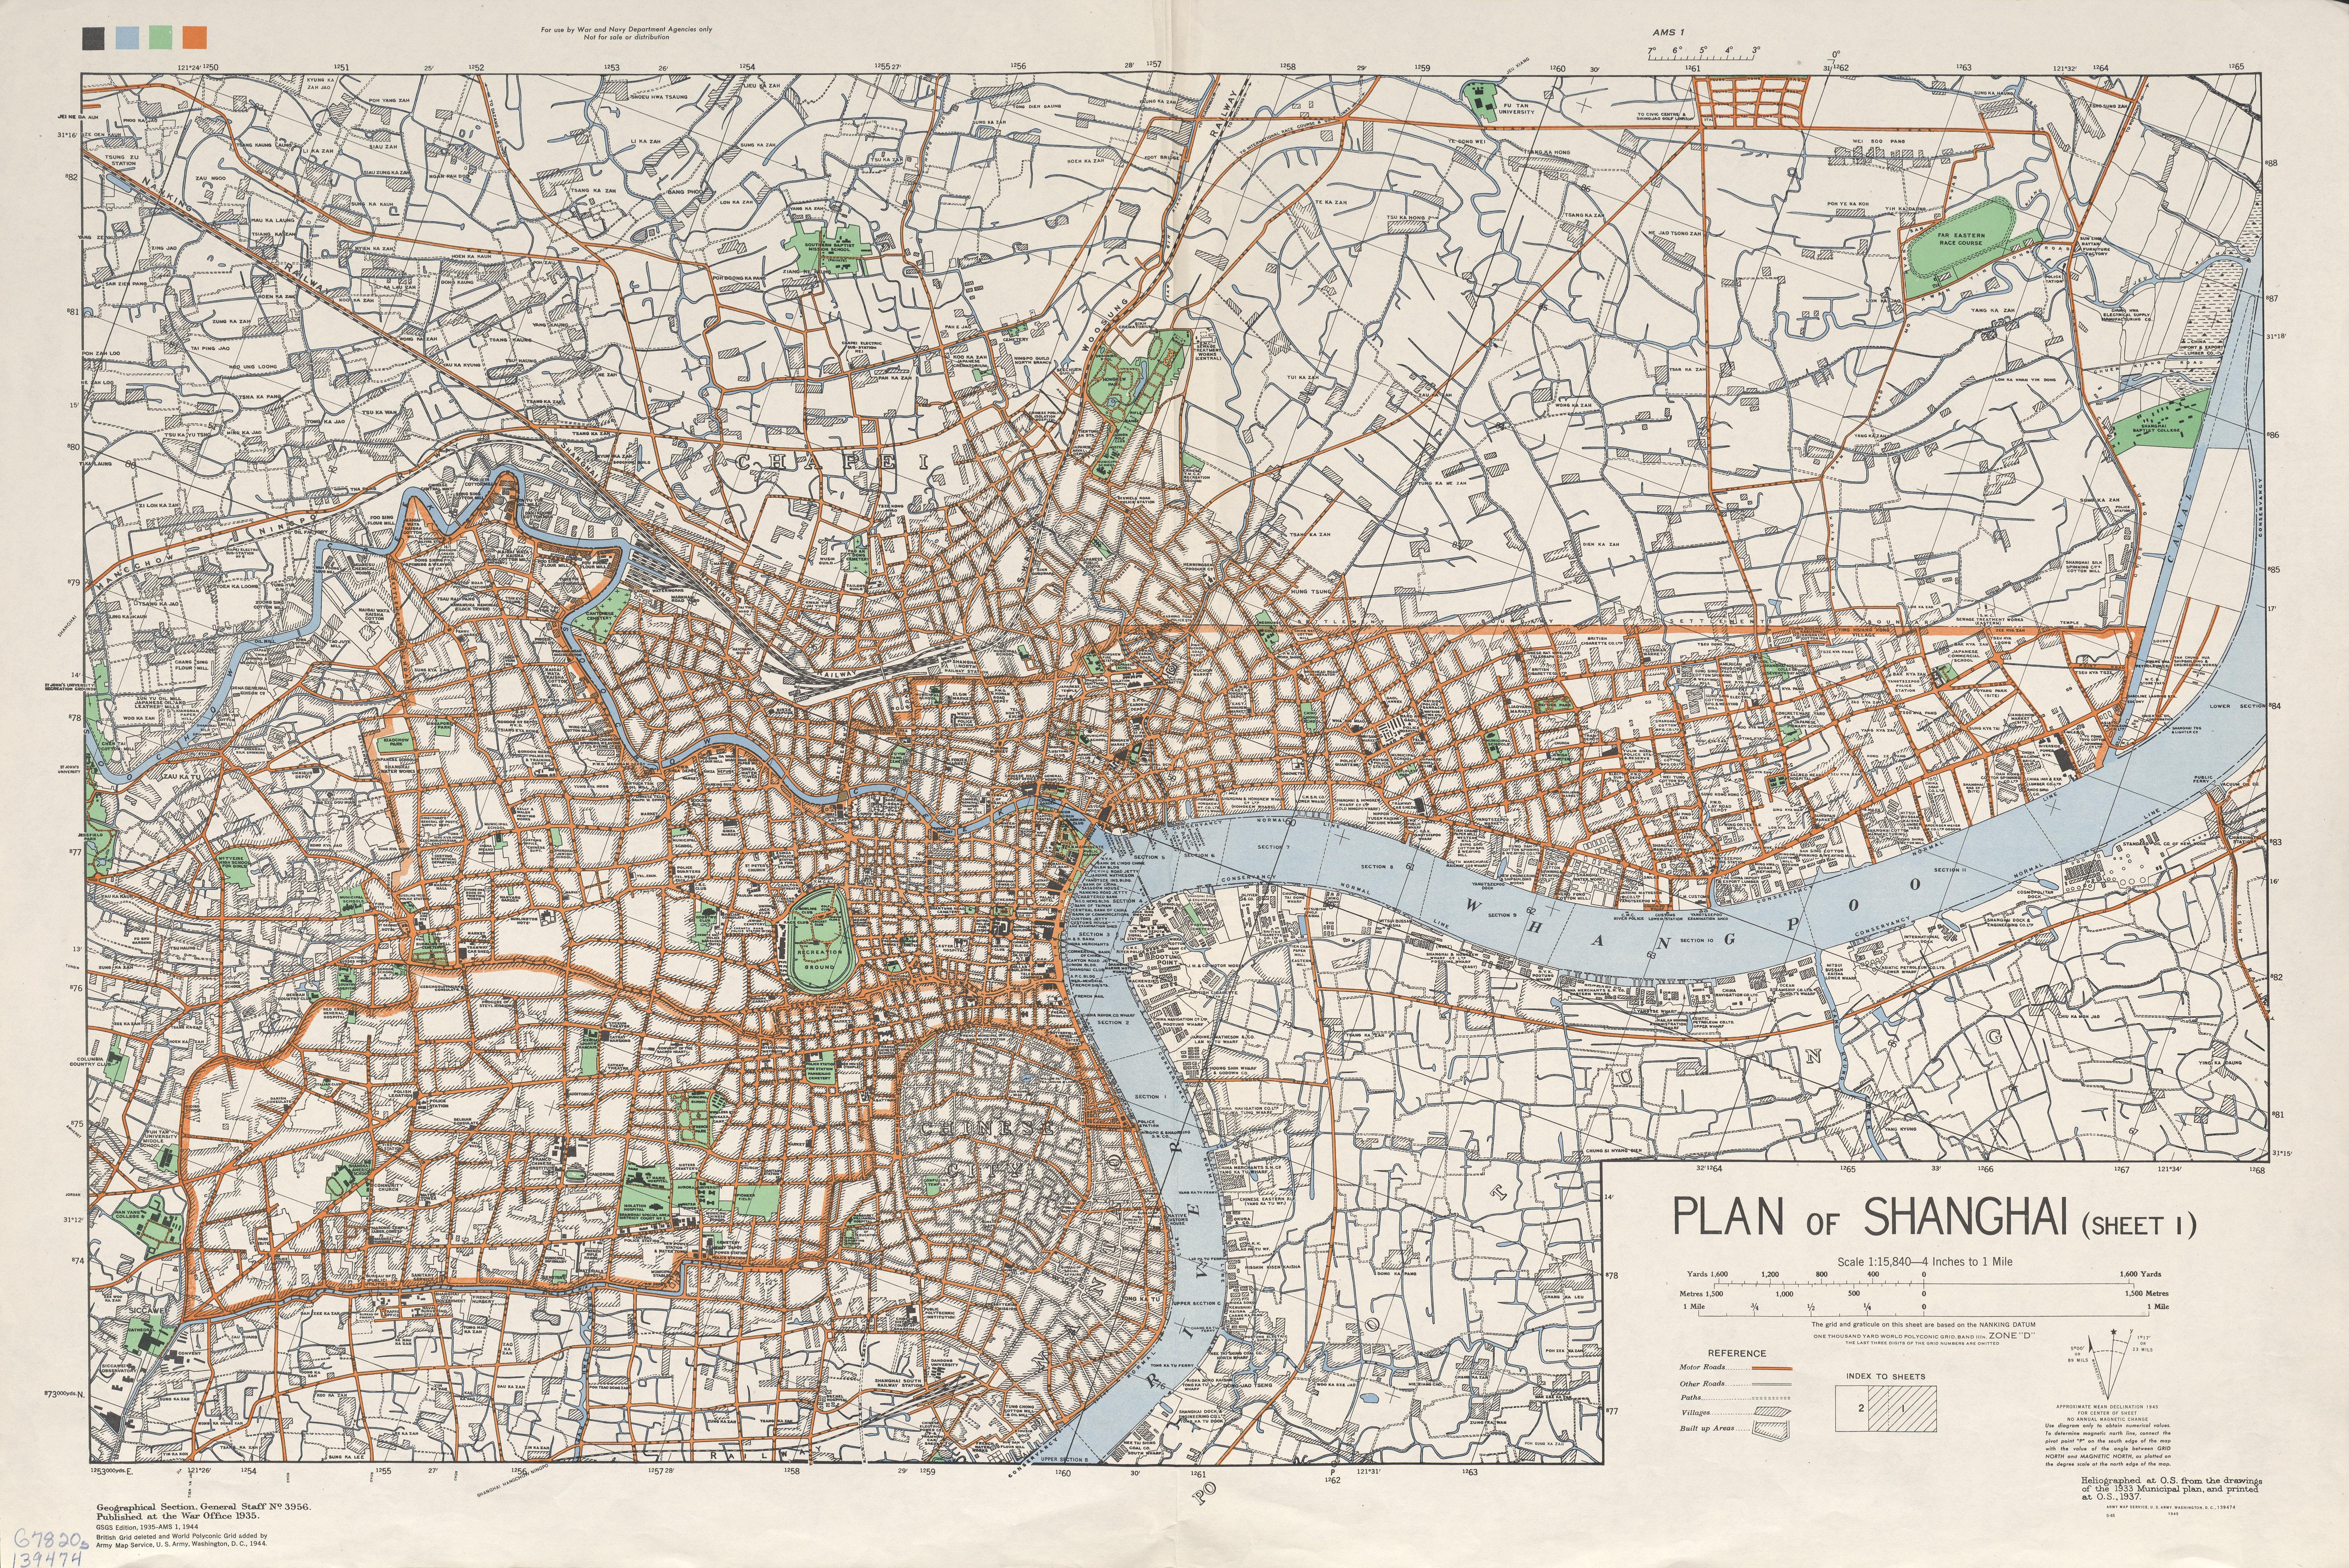 Shanghai Street Map 1935 Map of Shanghai